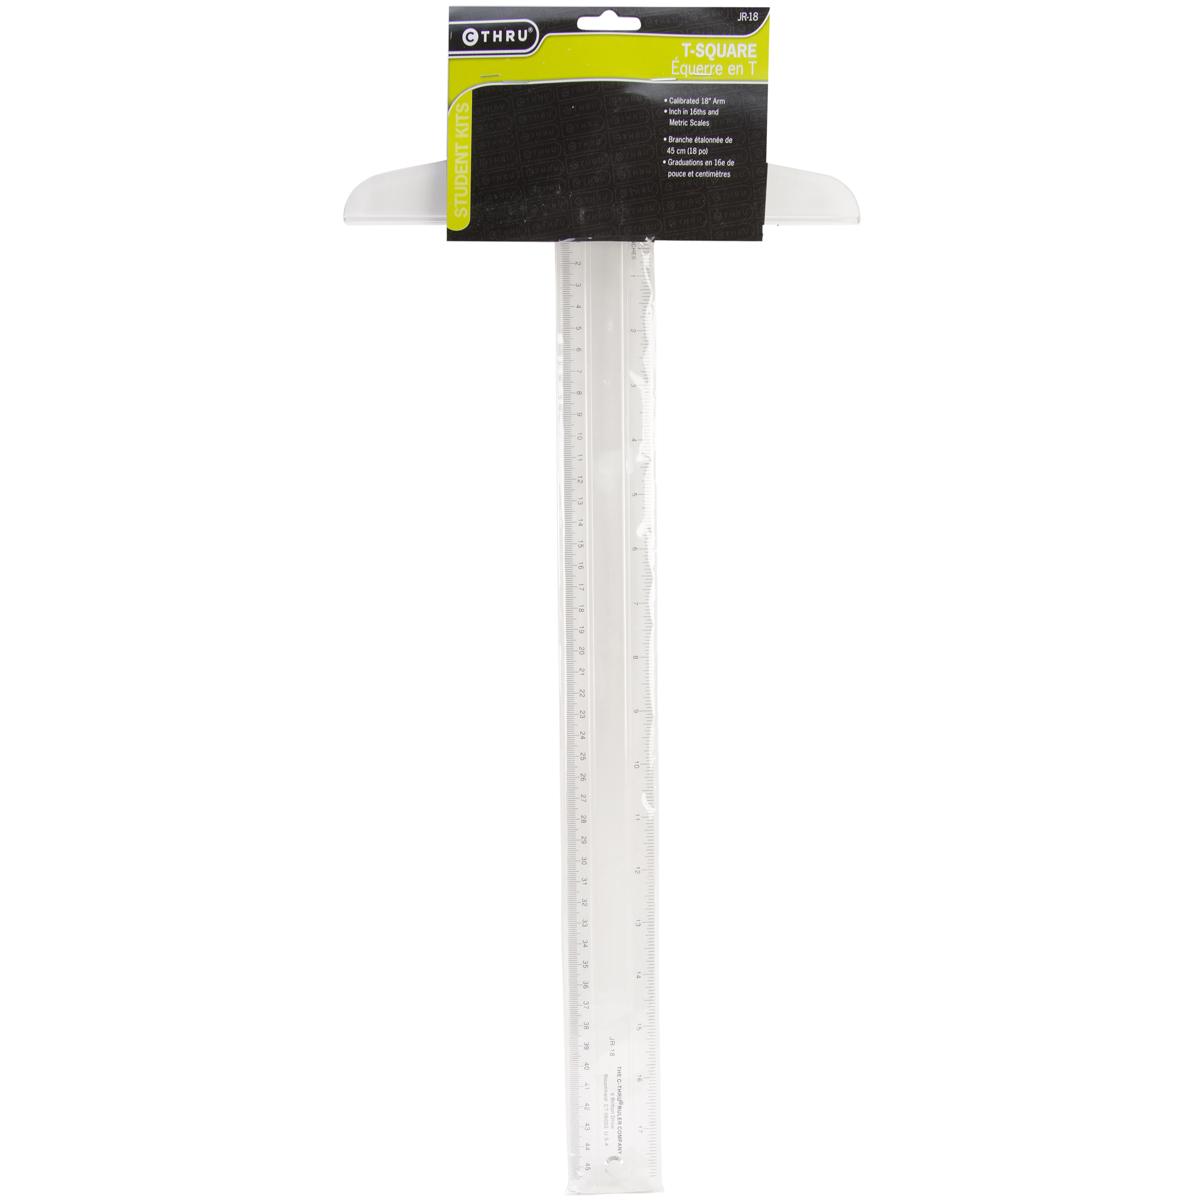 C-Thru Jr-18 18Inch Plastic T-Square